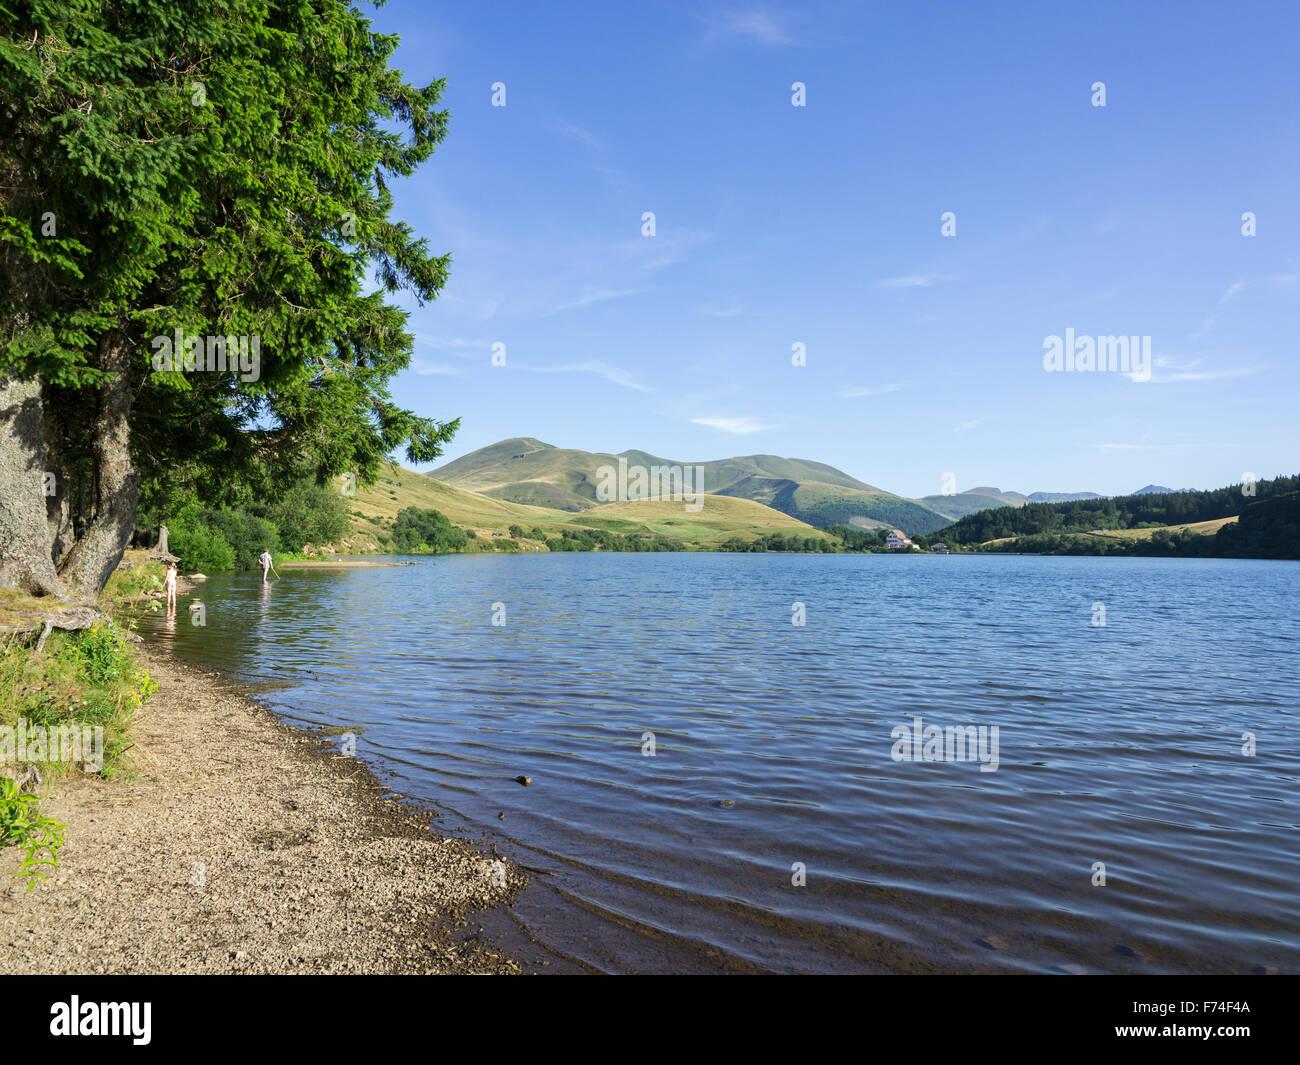 Lac de Guéry, Orcival, Auvergne, France - Stock Image